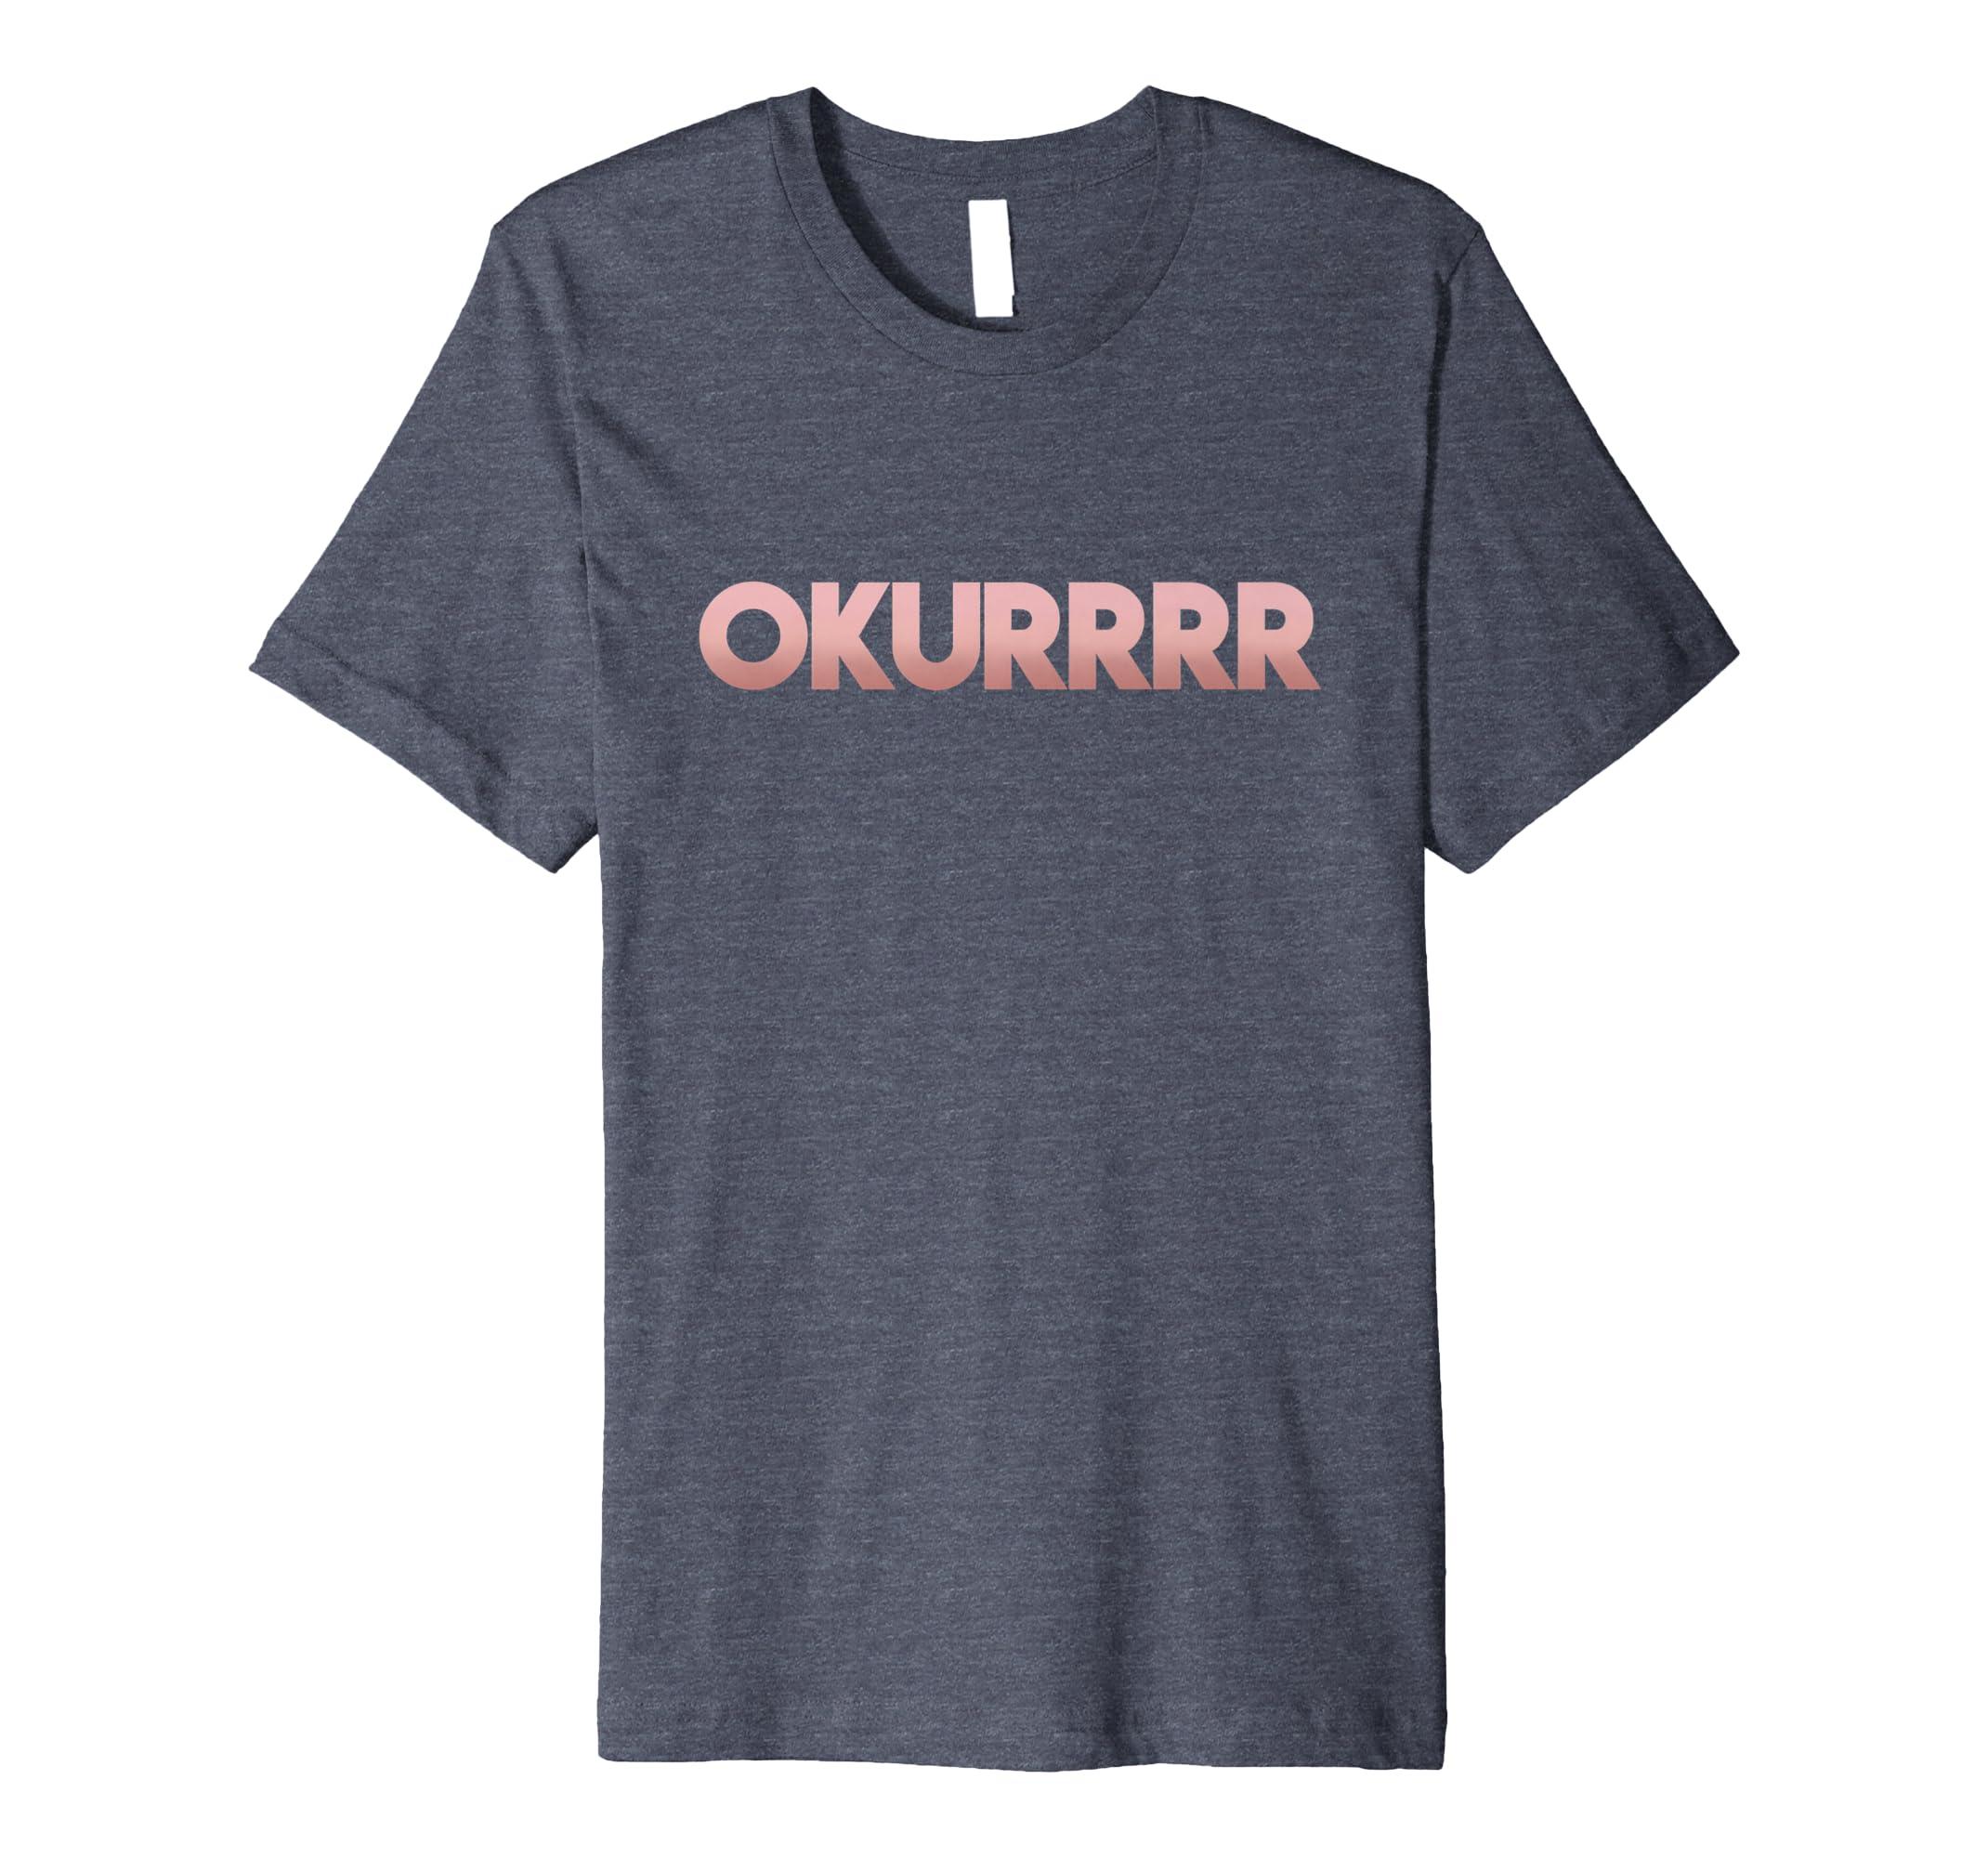 BLT Apparel: OKURRRR (Rose Gold) T-Shirt-alottee gift